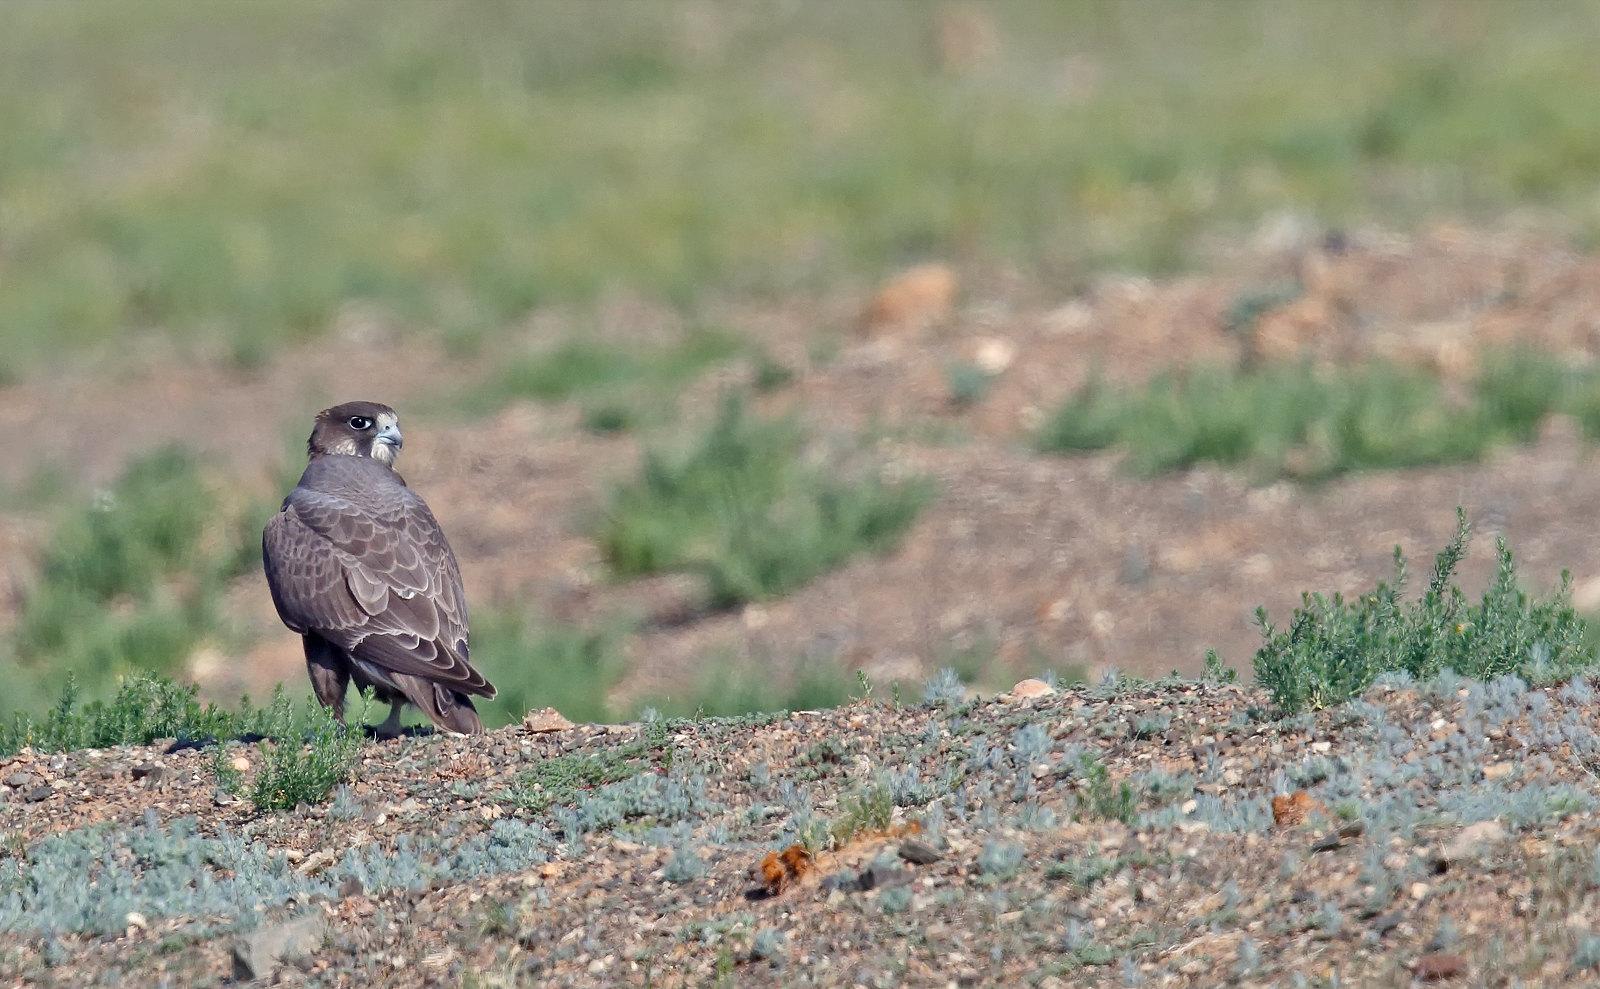 Dark Morph Saker Falcon - bird 2